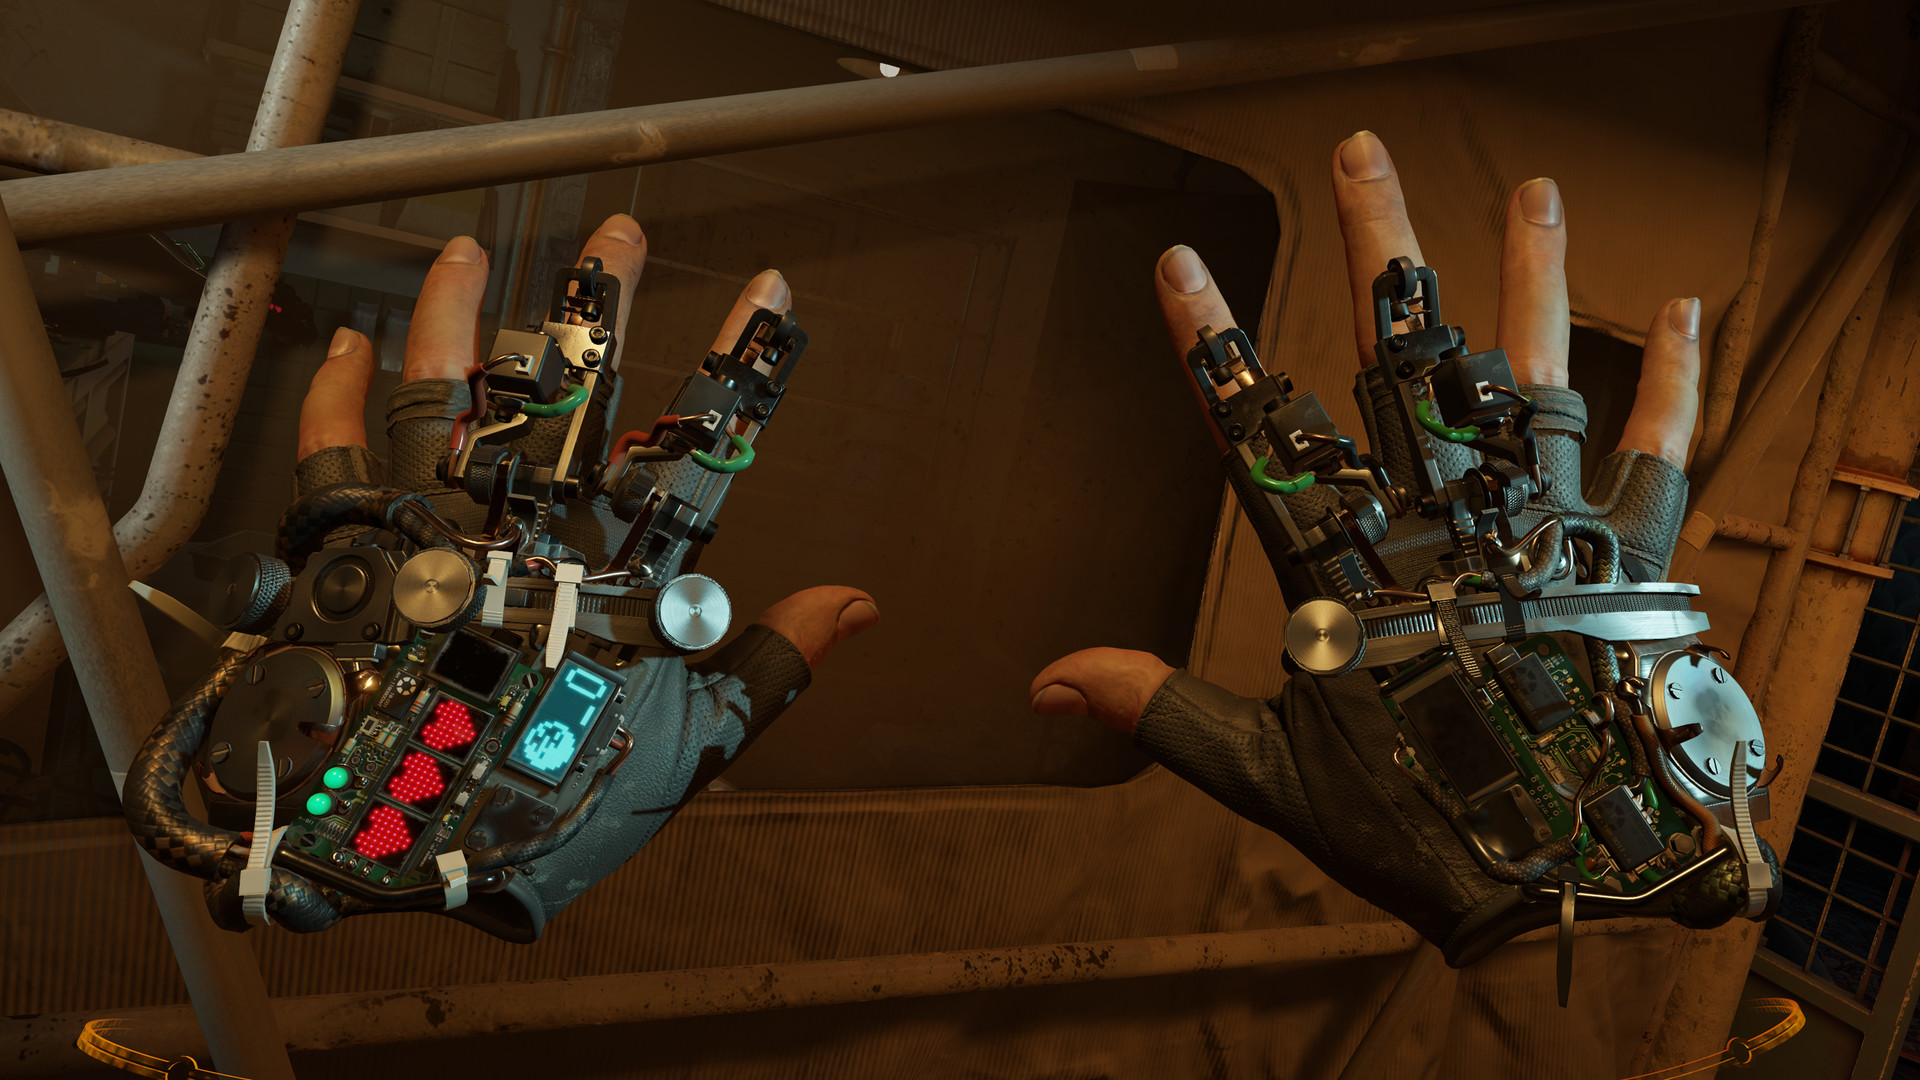 Wirtualna rzeczywistość - QUIZ o technologii, grach i popkulturze